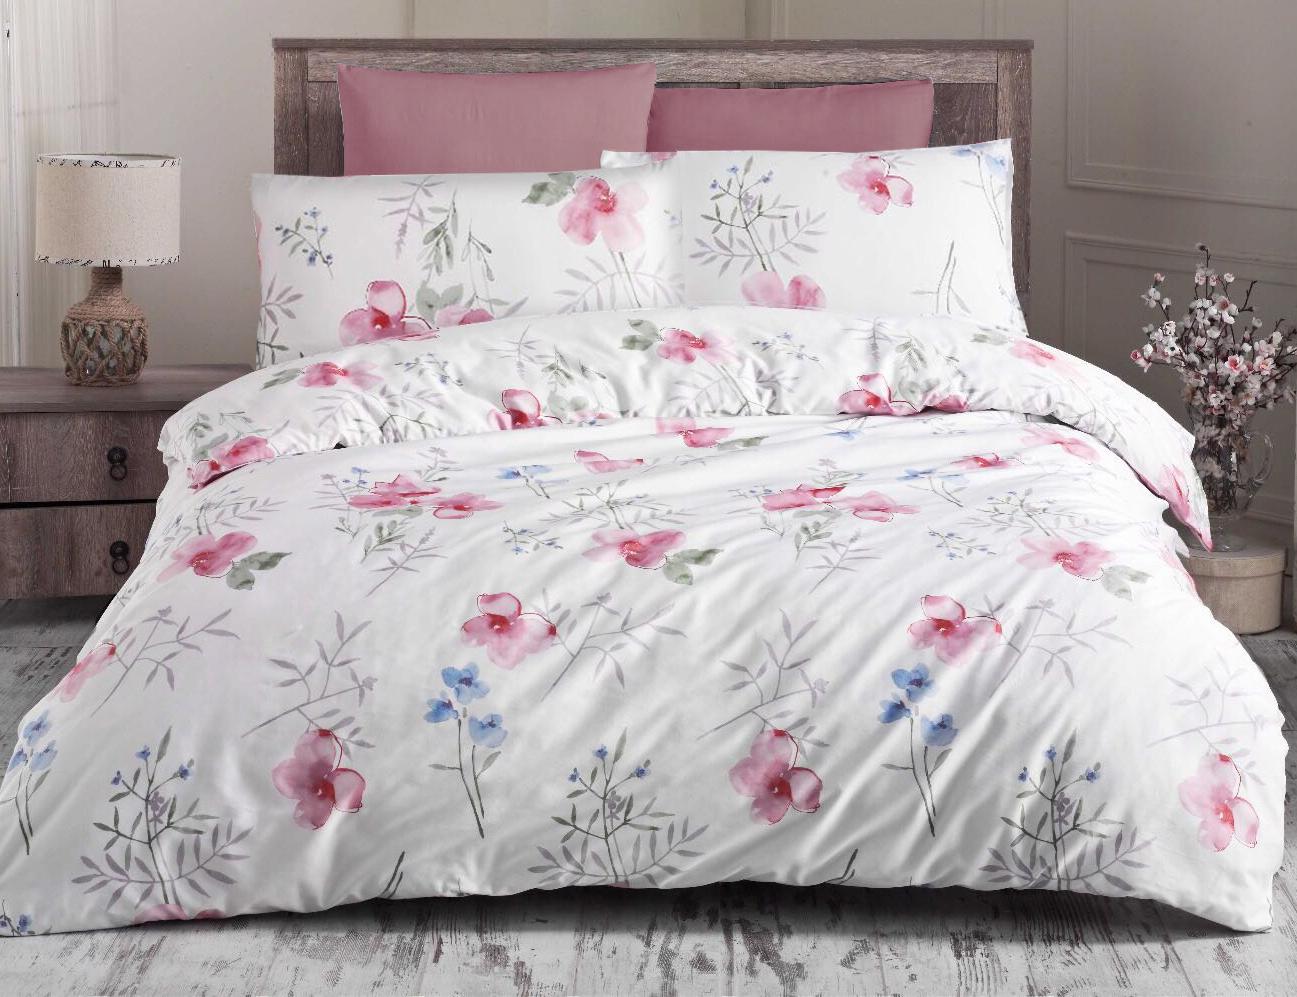 Obliečka - Blomster pink